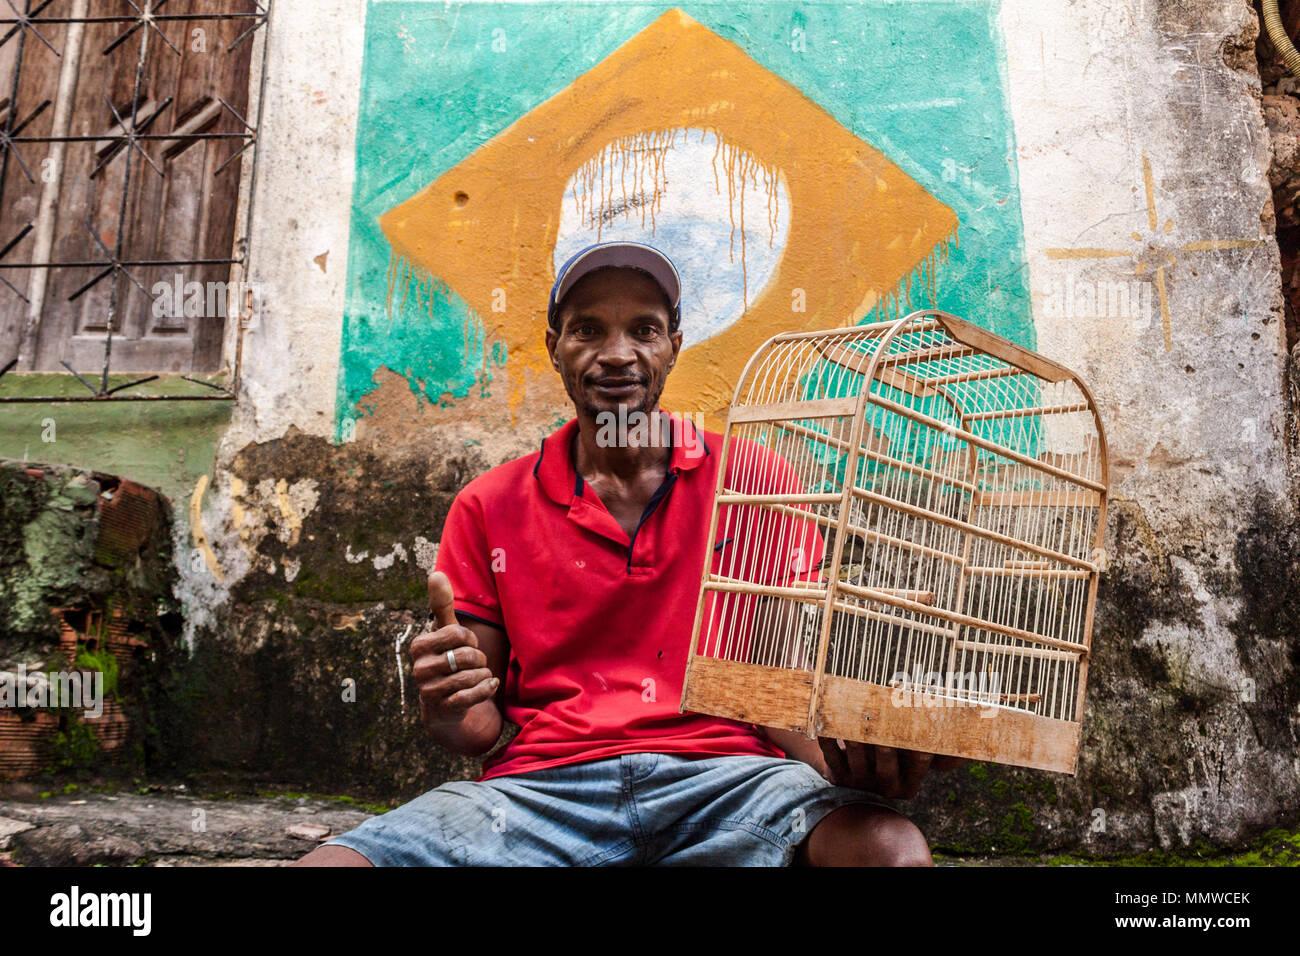 Homem sentado segura passarinho com a bandeira do Brasil atrás Imagen De Stock